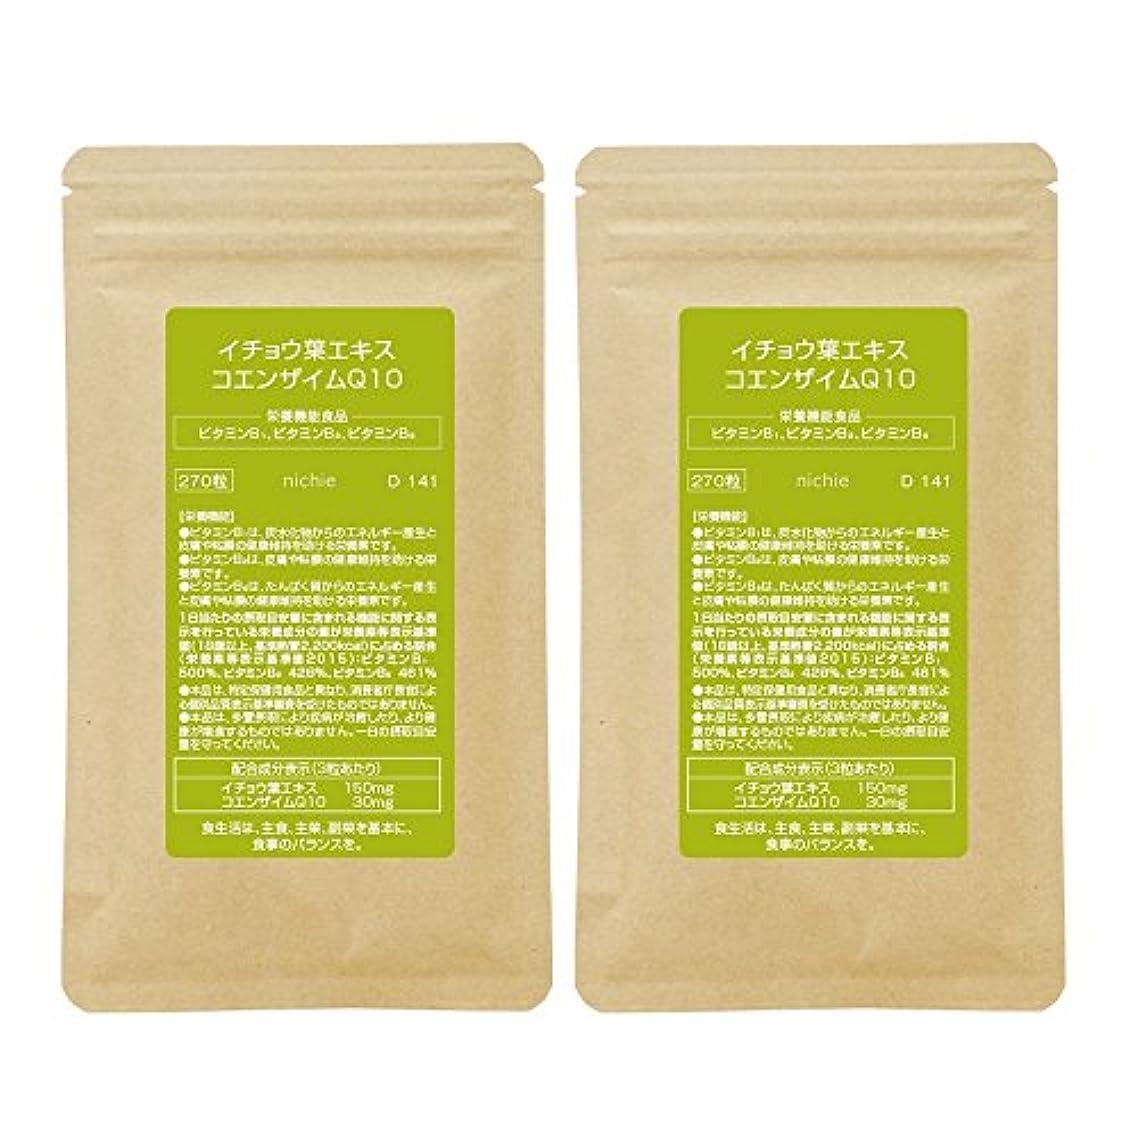 忘れっぽいアジテーション規則性nichie イチョウ葉エキス コエンザイムQ10 ビタミン 複合型サプリメント 約6ヶ月分(270粒×2袋)